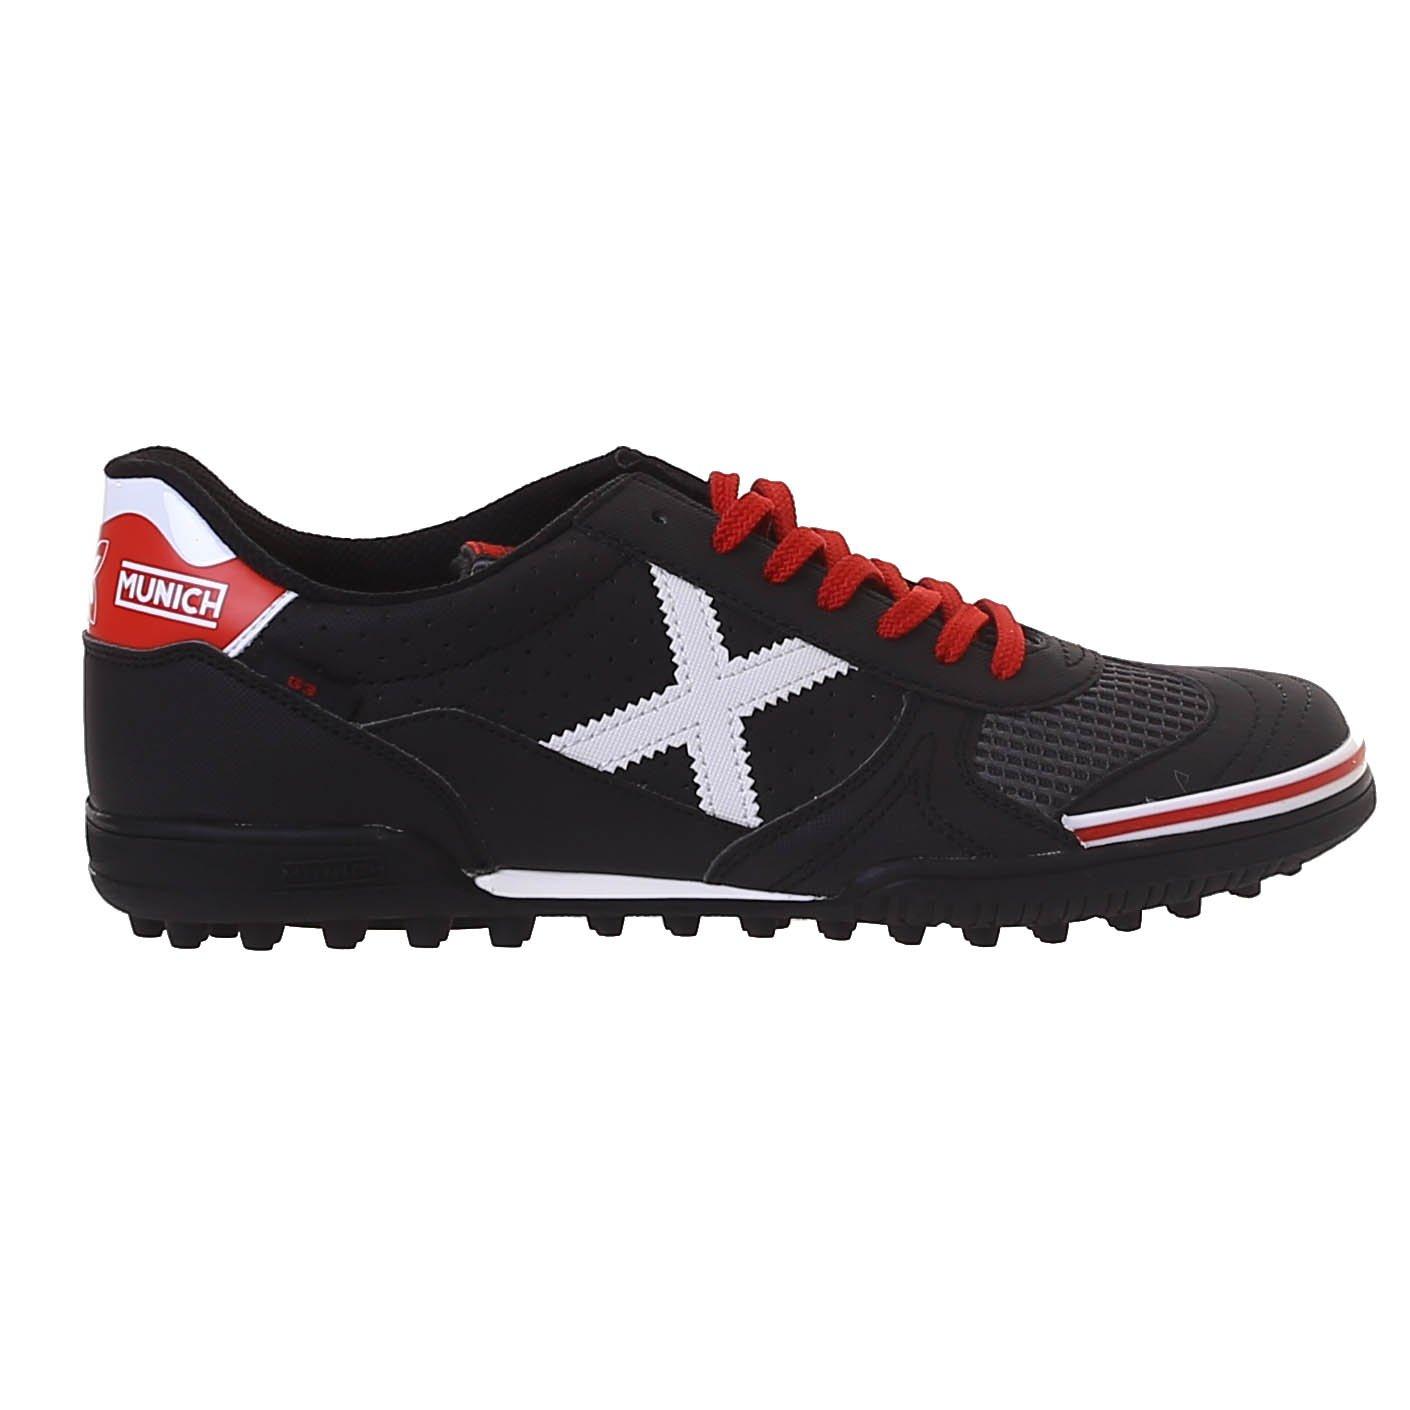 Munich - Zapatillas de fútbol sala, mod. Gresca Genius Turf, ref. 3010581 Negro Size: 44 EU: Amazon.es: Zapatos y complementos